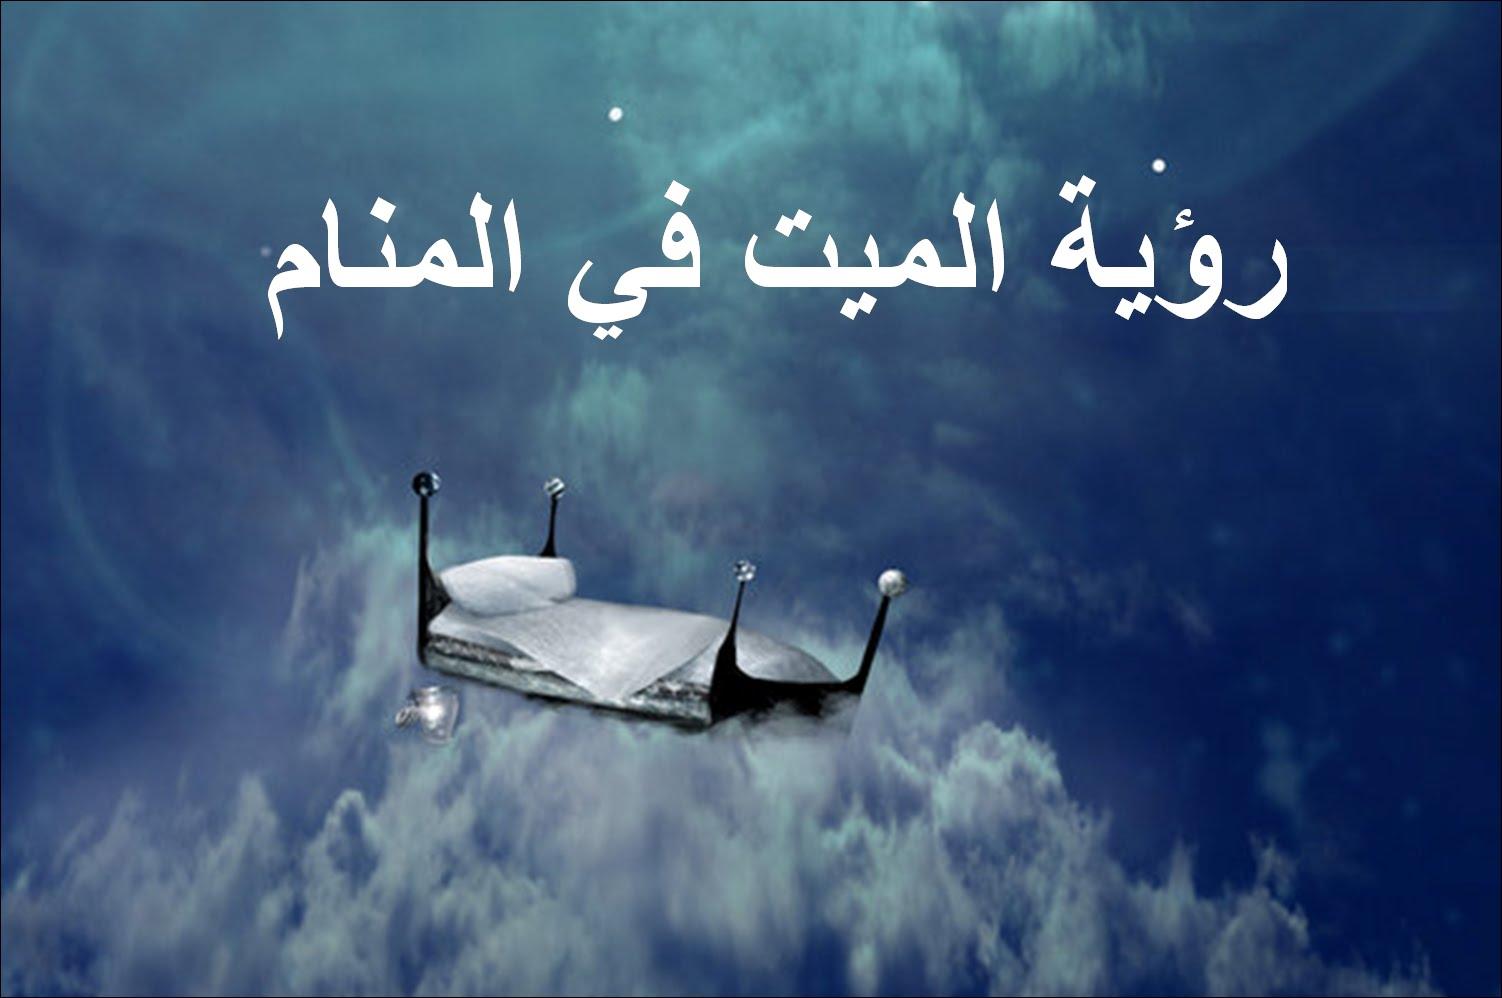 صوره الميت في المنام , ما هو تفسير رؤية الميت في الحلم ؟